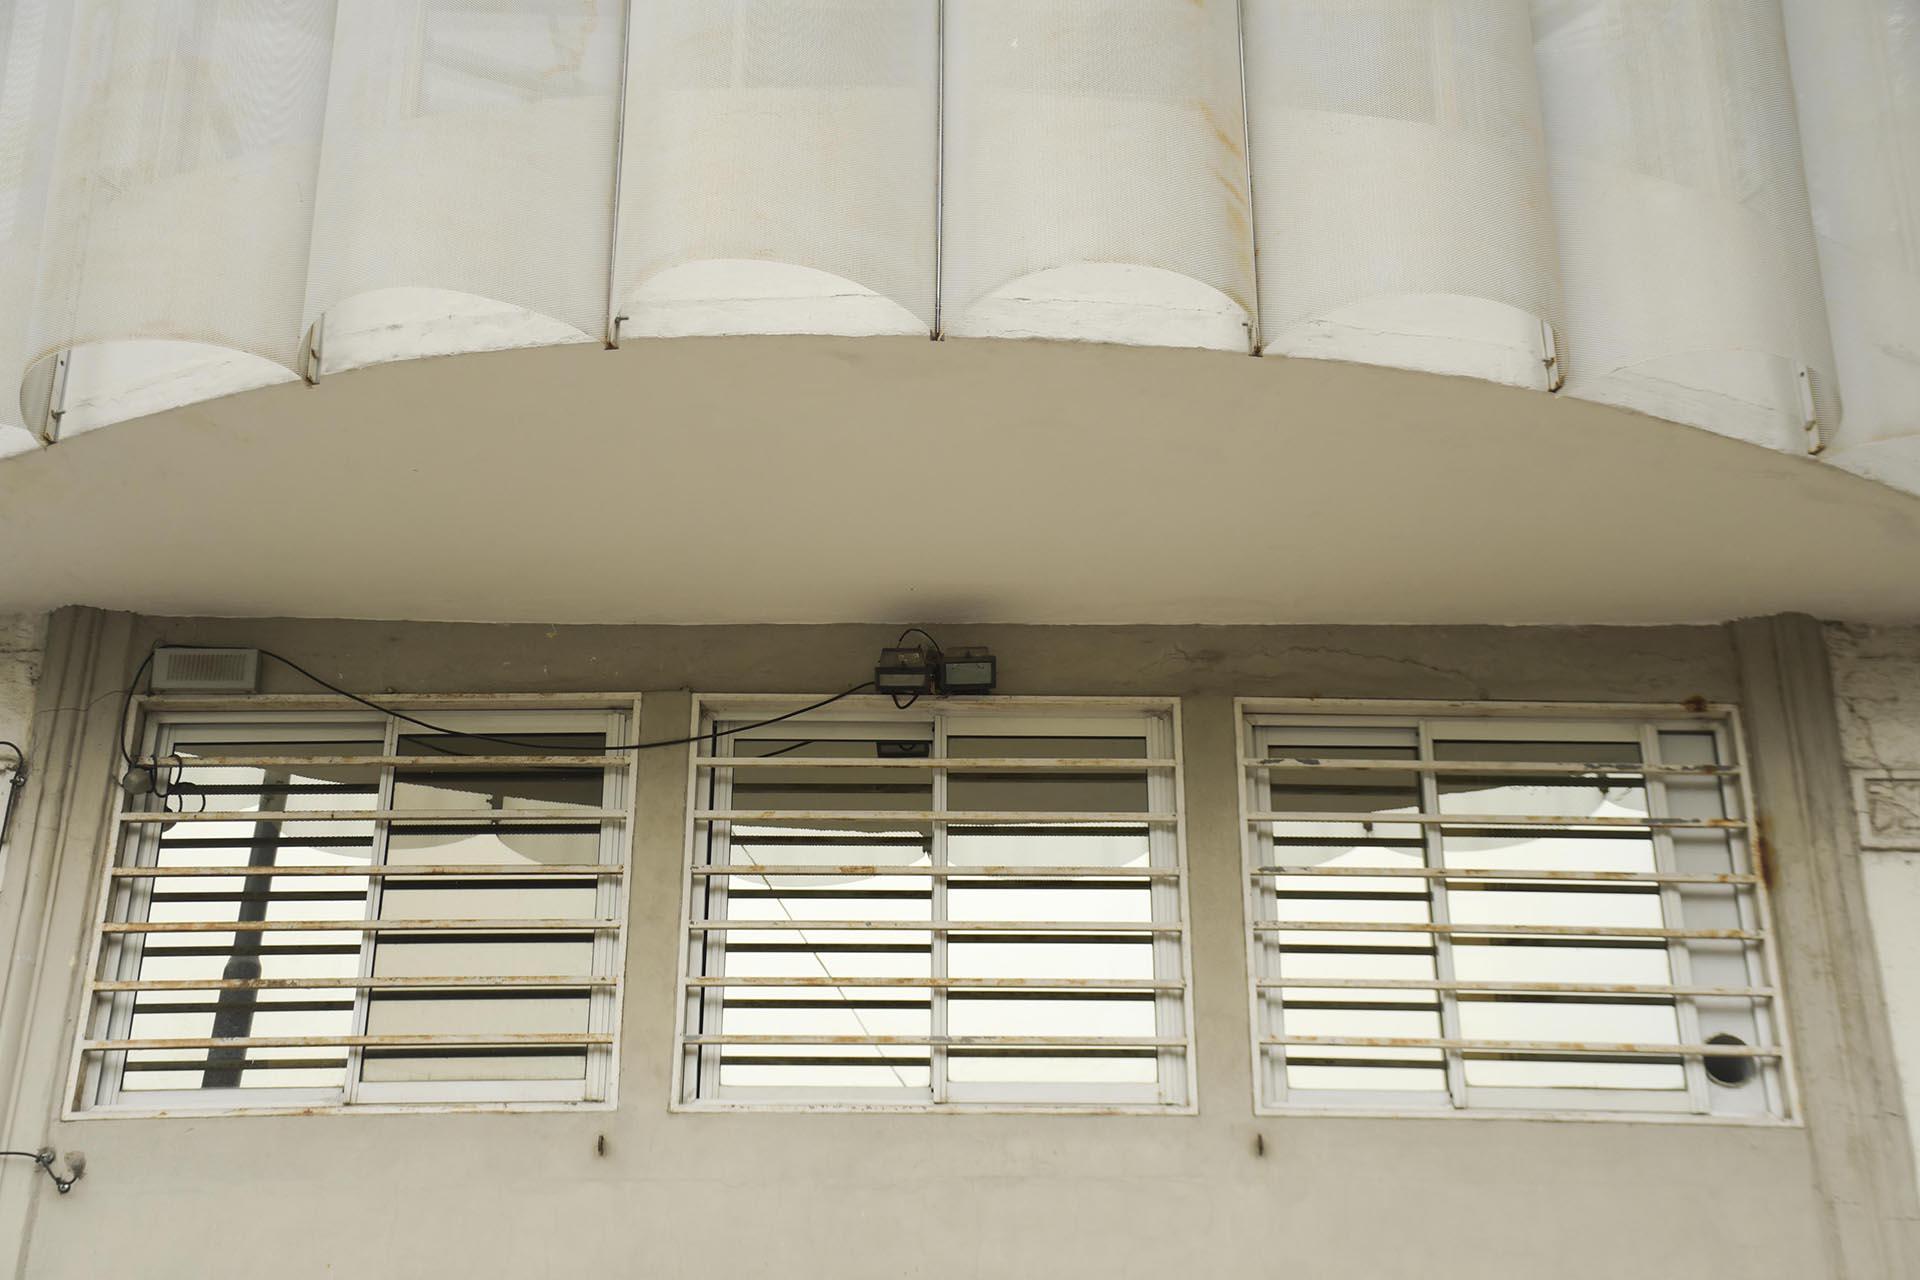 La incorporación de cerramientos espaciados ofrece un dispositivo nuevo, un diafragma capaz de expandir el uso del apartamento en verano y contraerlo en invierno, un colchón térmico que, por su geometría y textura, asumirá la responsabilidad de velar la intimidad del Camarín